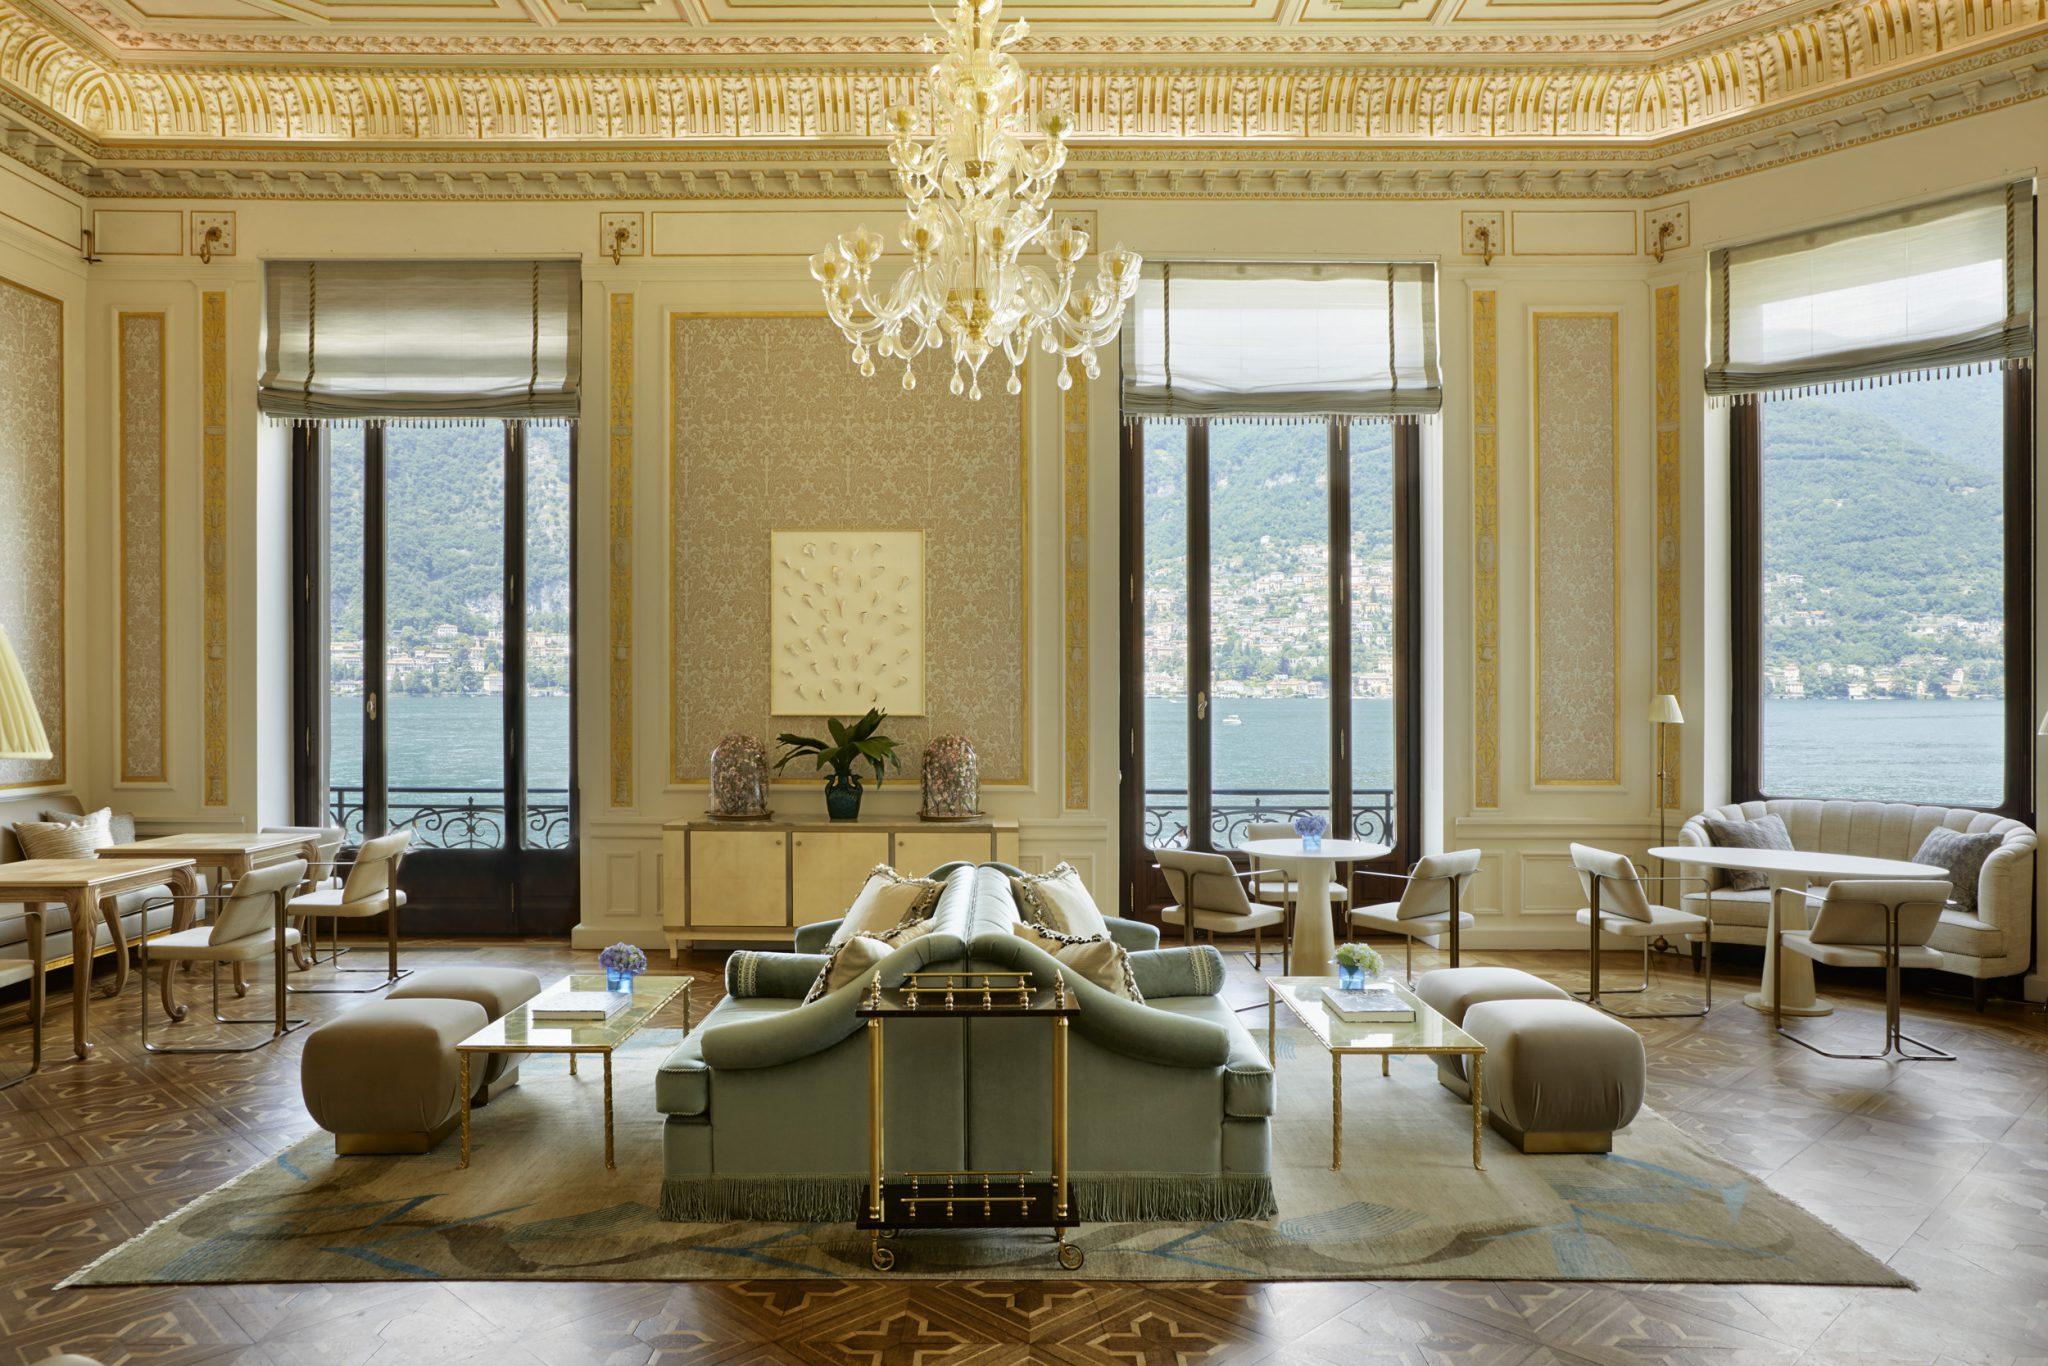 Mandarin Oriental Lake Como, Interior Design Eric Egan, Photography Ricardo Labougle